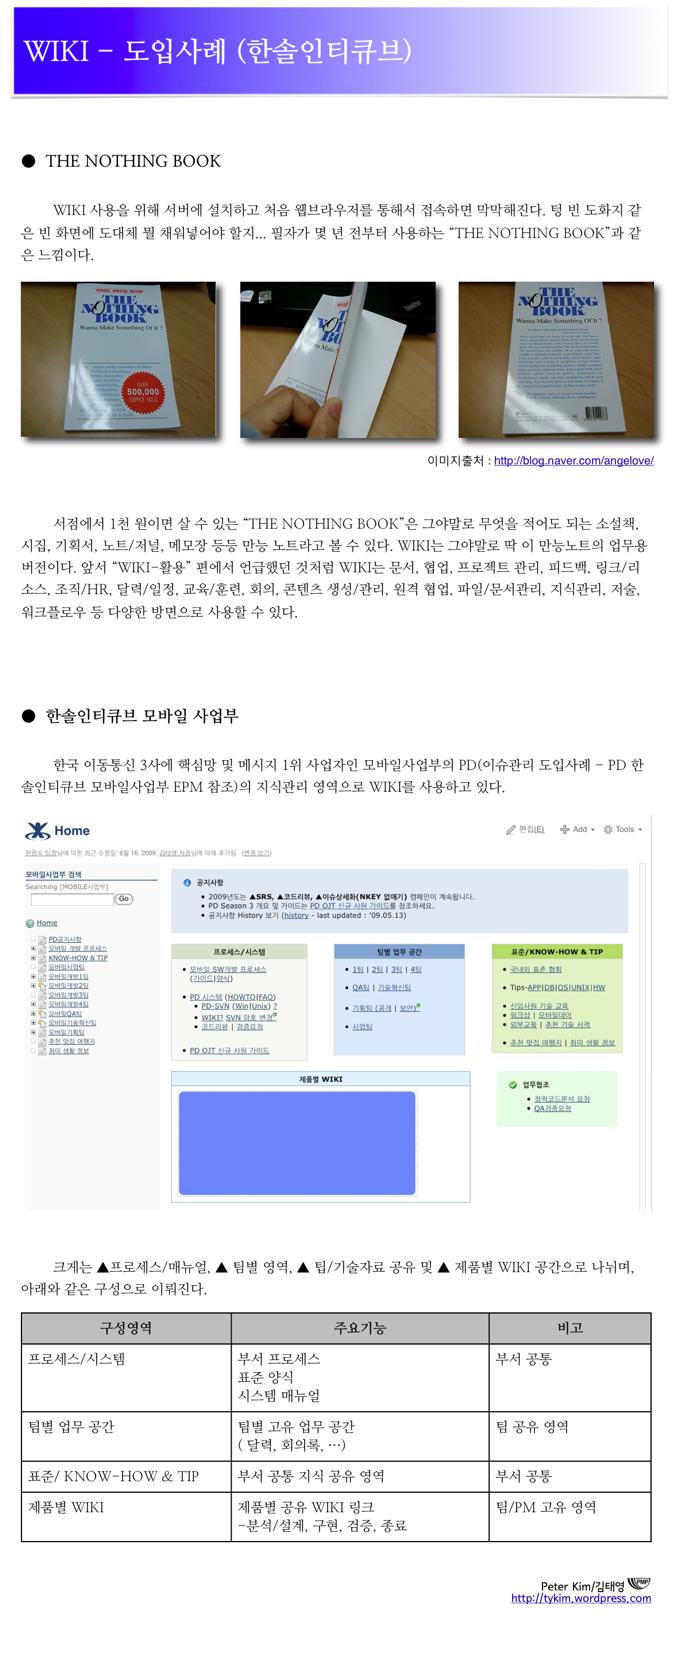 연재-WIKI-03도입사례-한솔인티큐브01.png